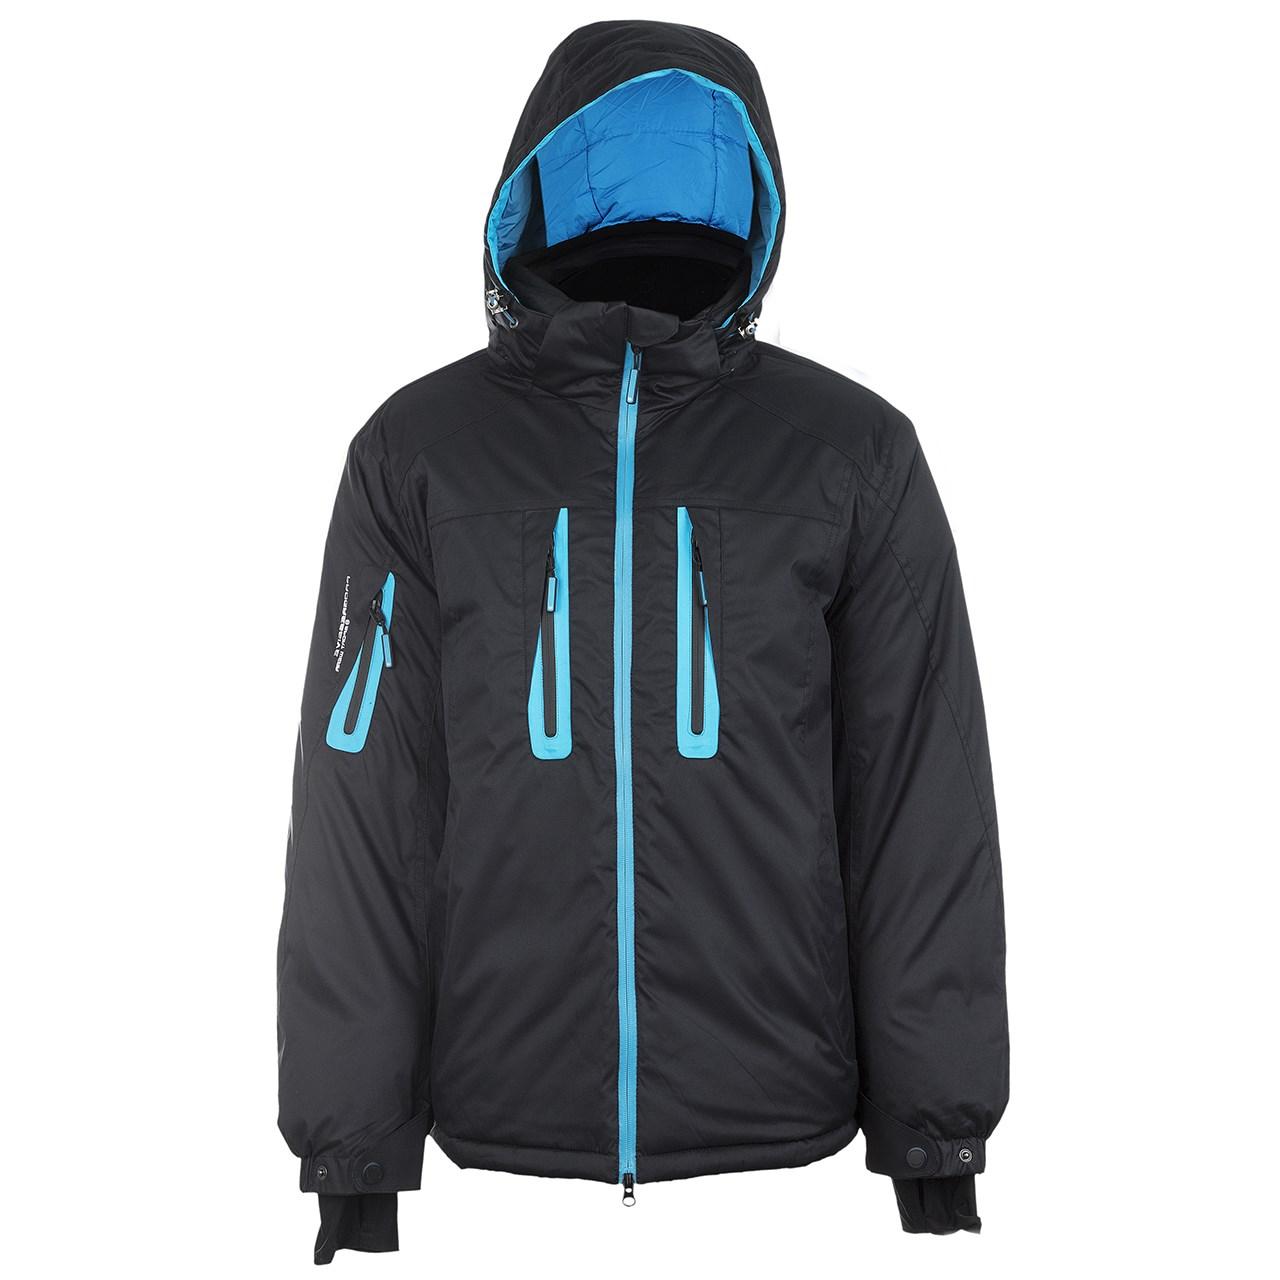 کاپشن اسکی مردانه دبلیو اچ اس مدل 99 Snow Wear